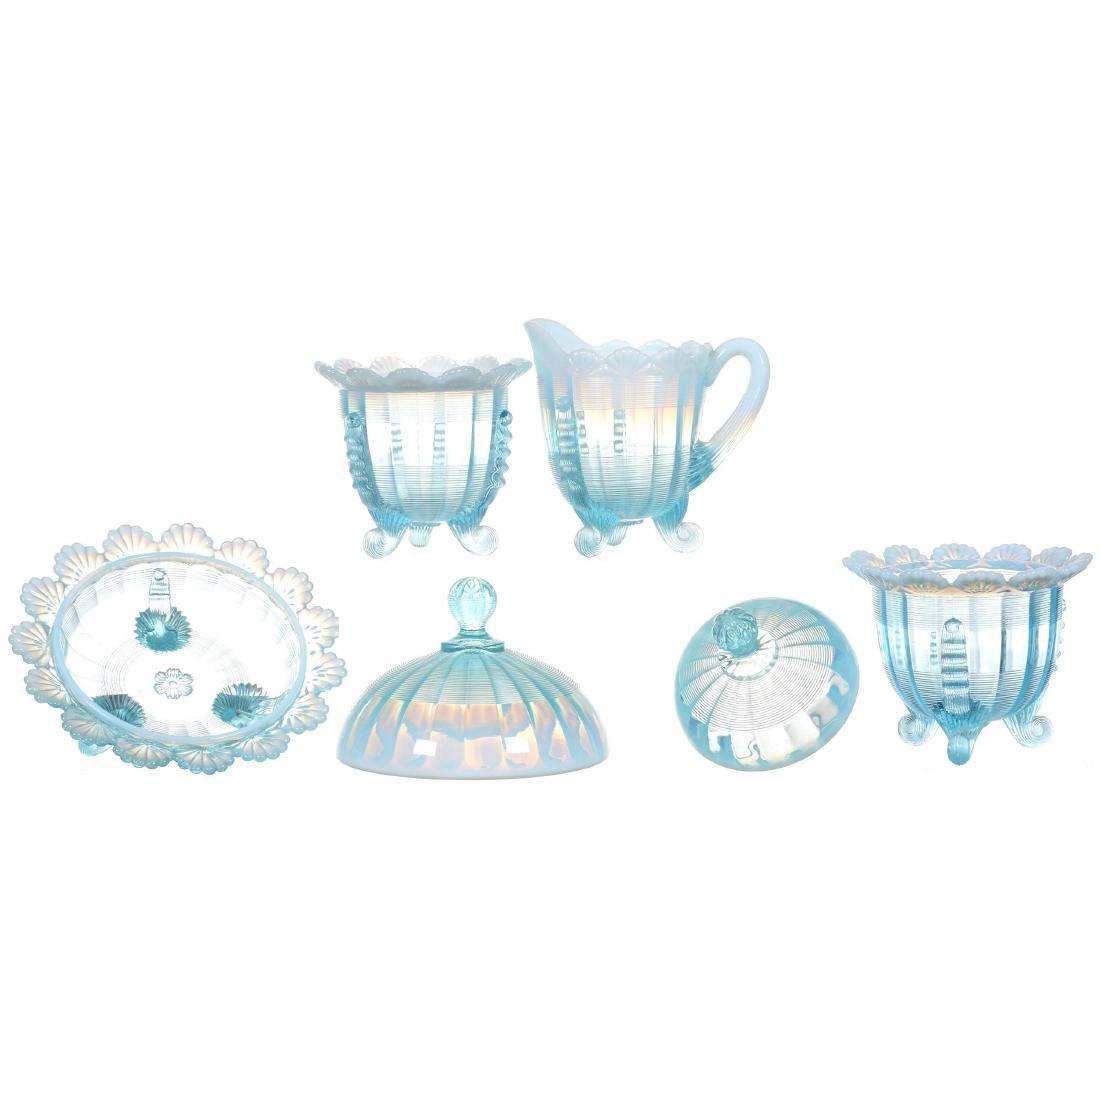 Four Piece Blue Opalescent Table Set - 2